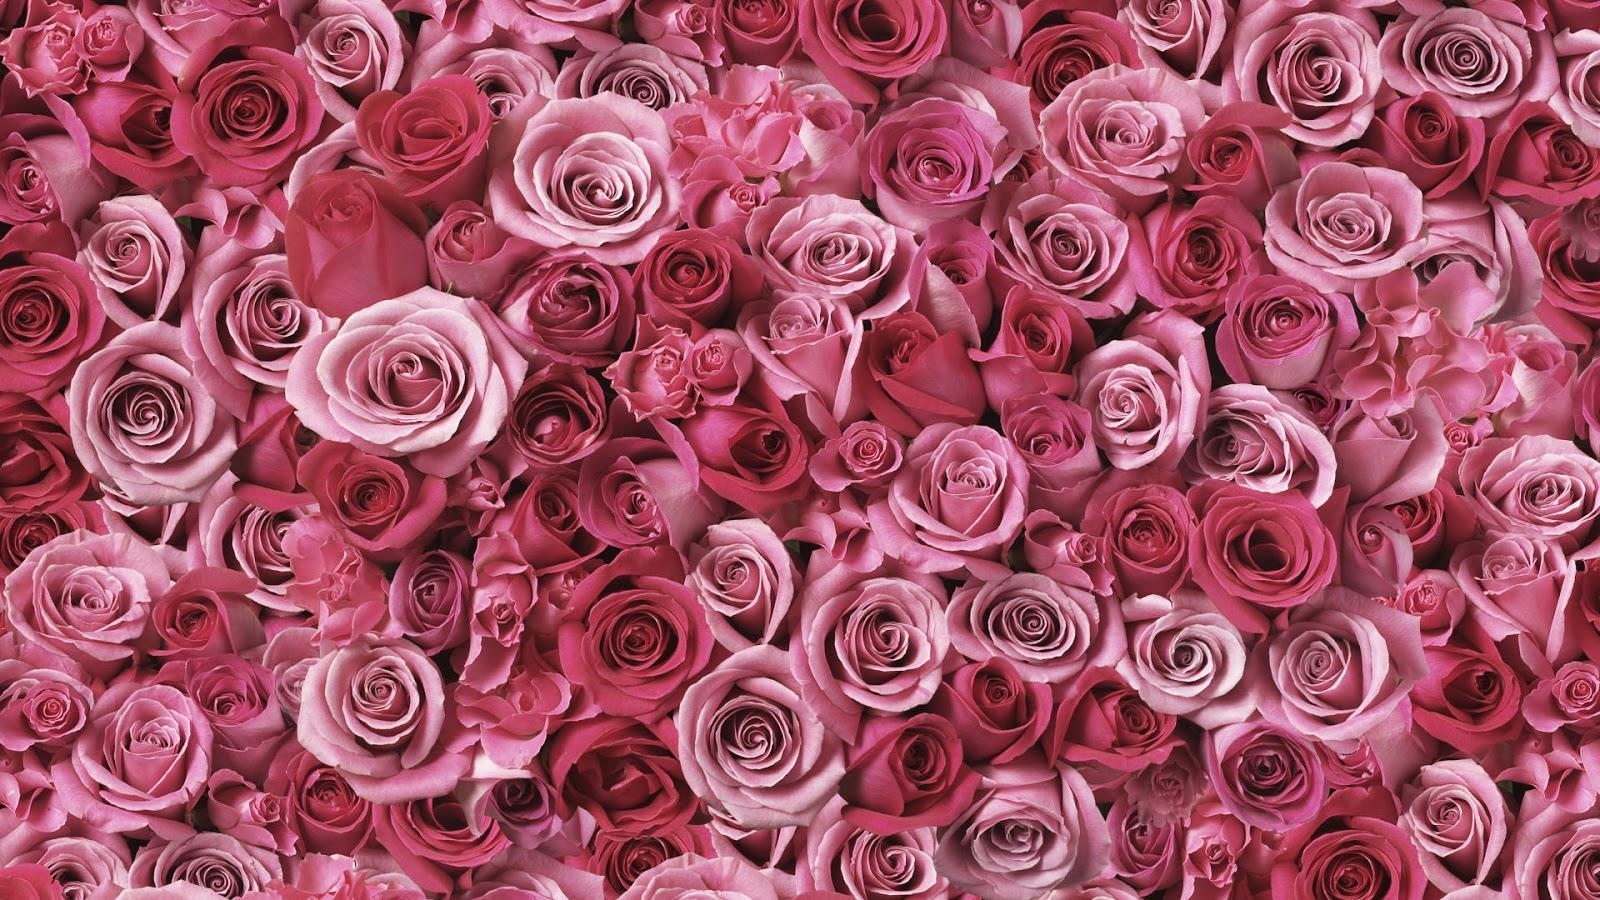 Flores bonitas flores lindas imagens de flores